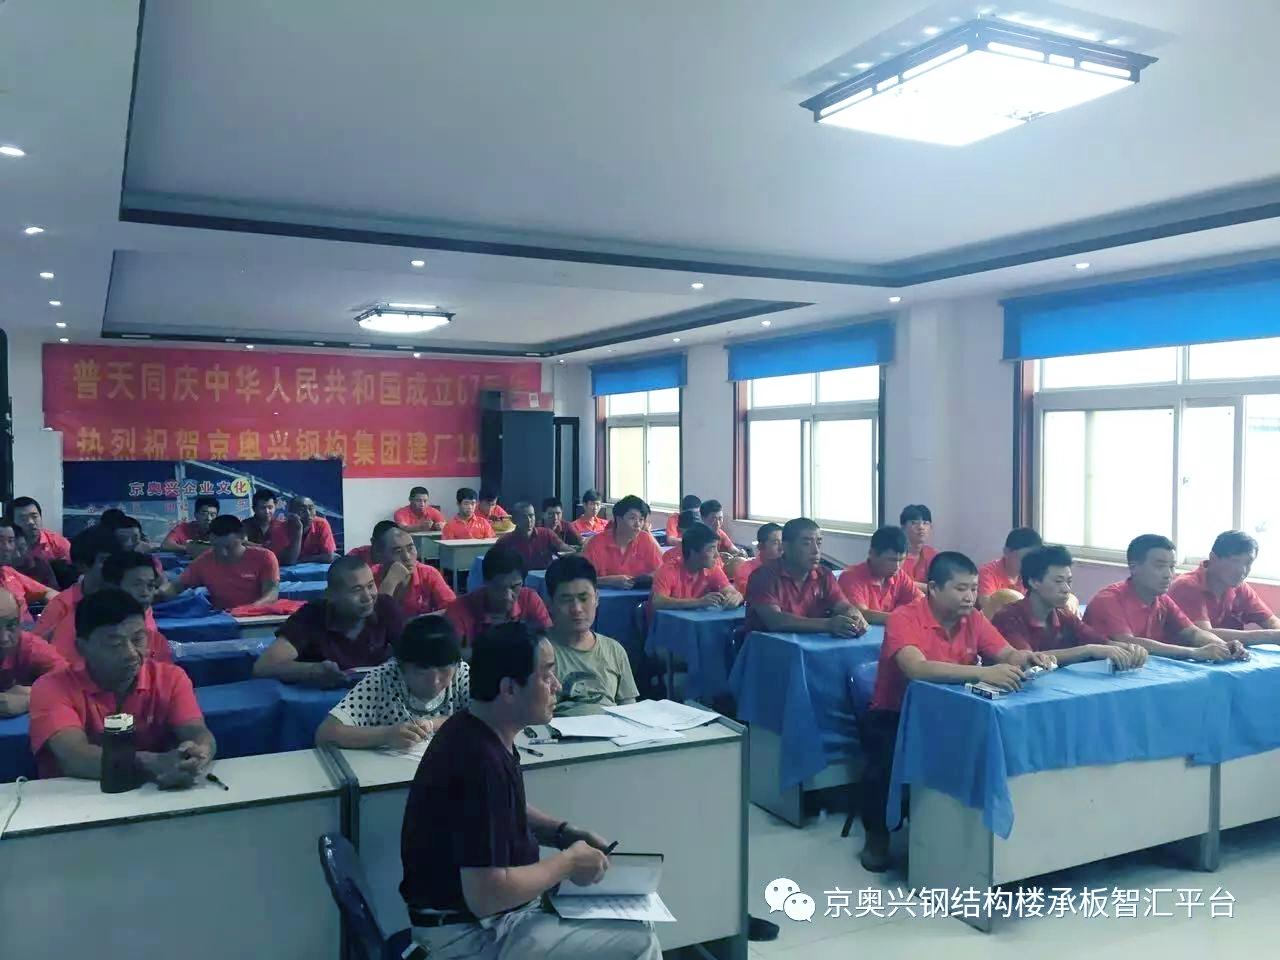 京奥兴企业生产一线工作人员每月组织学习现场实拍.jpg